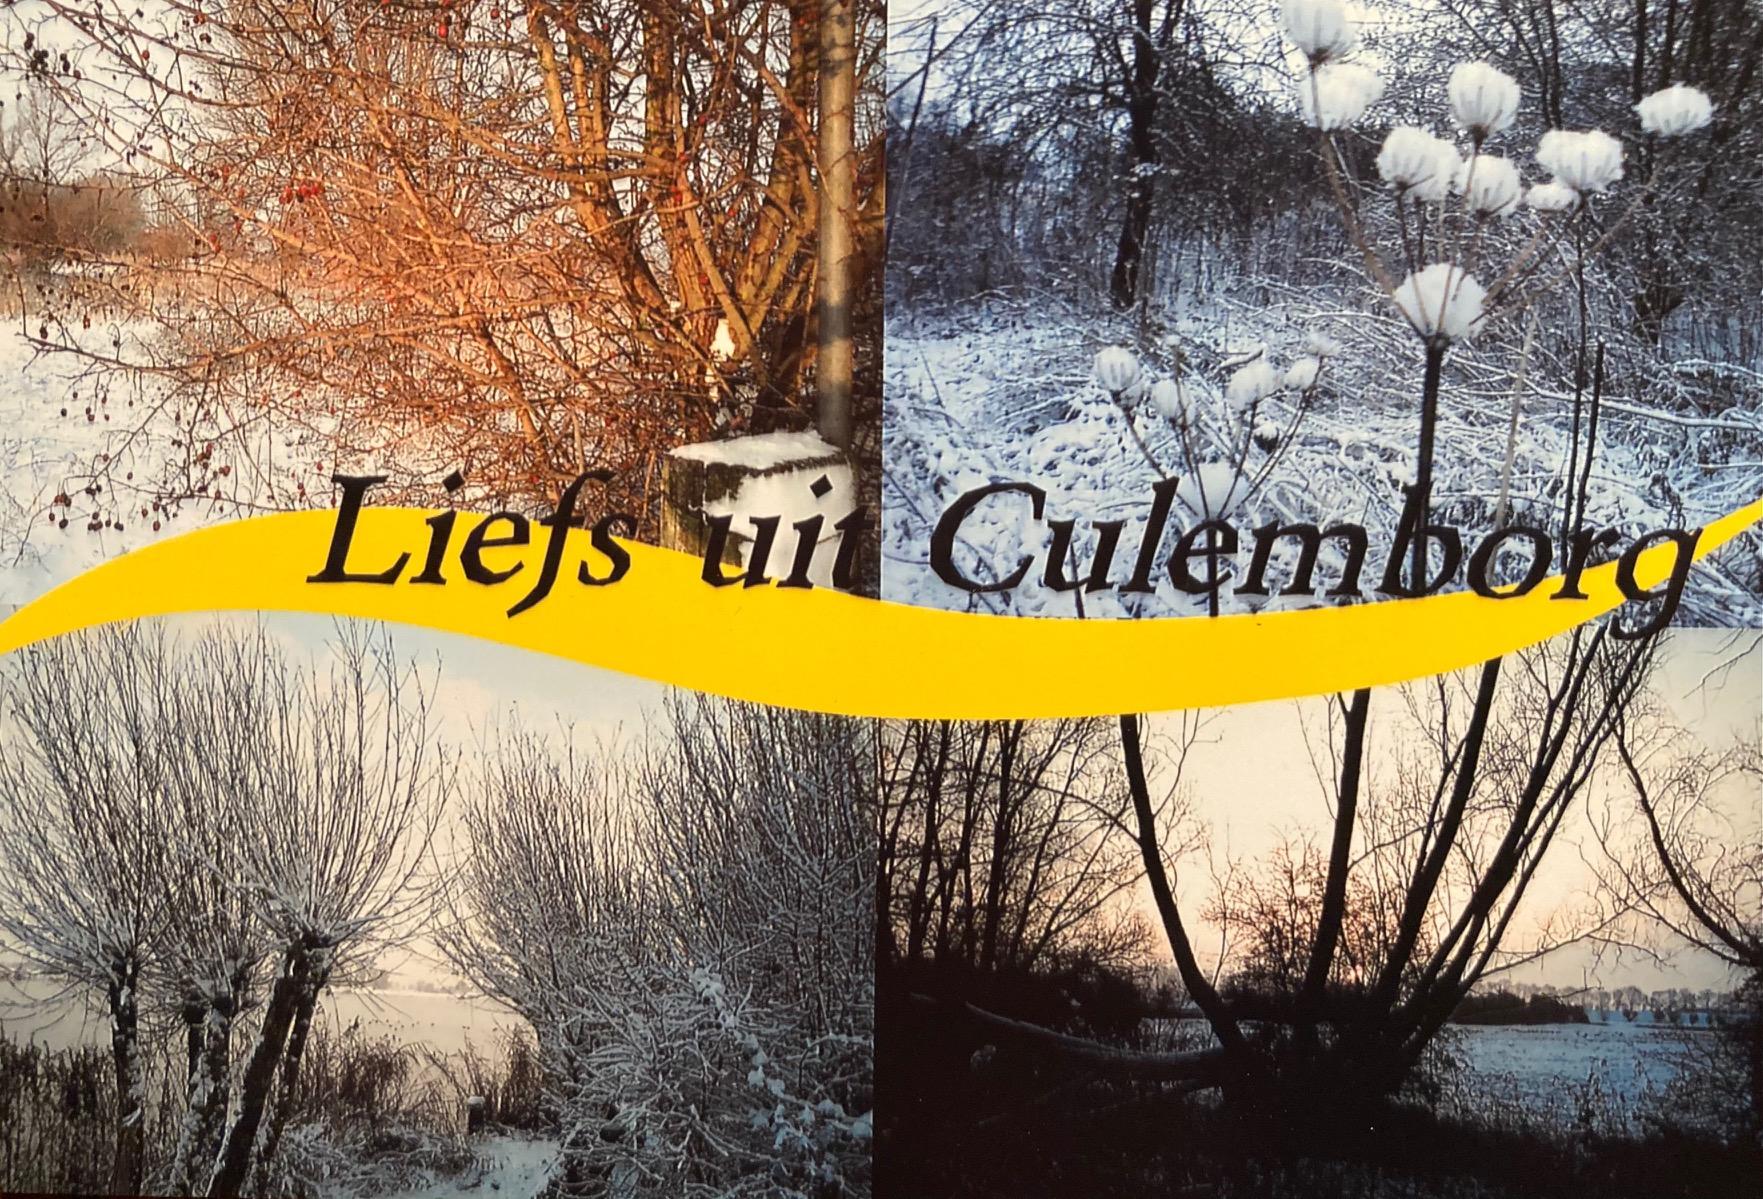 Liefs uit Culemborg